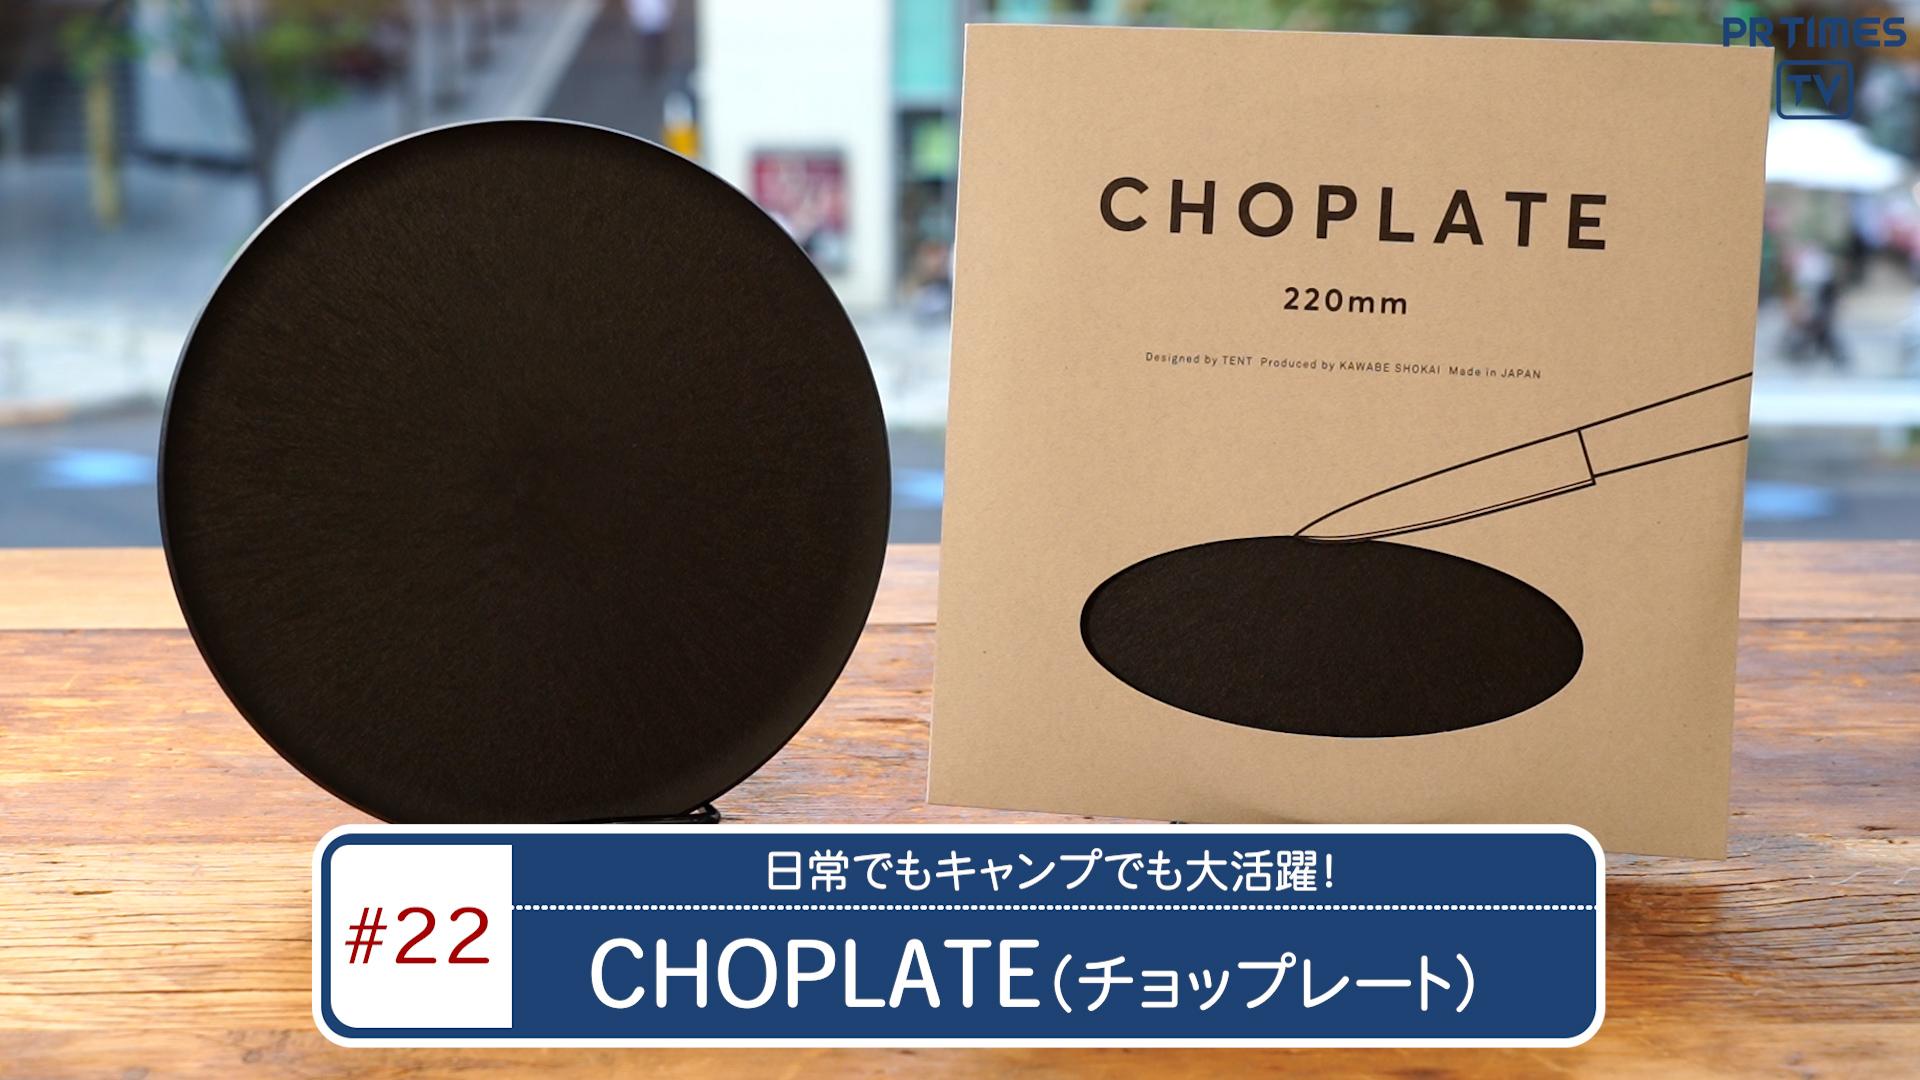 『まな板になるお皿』で、切ってそのまま食卓へ!アウトドアでも大活躍な『CHOPLATE(チョップレート)』